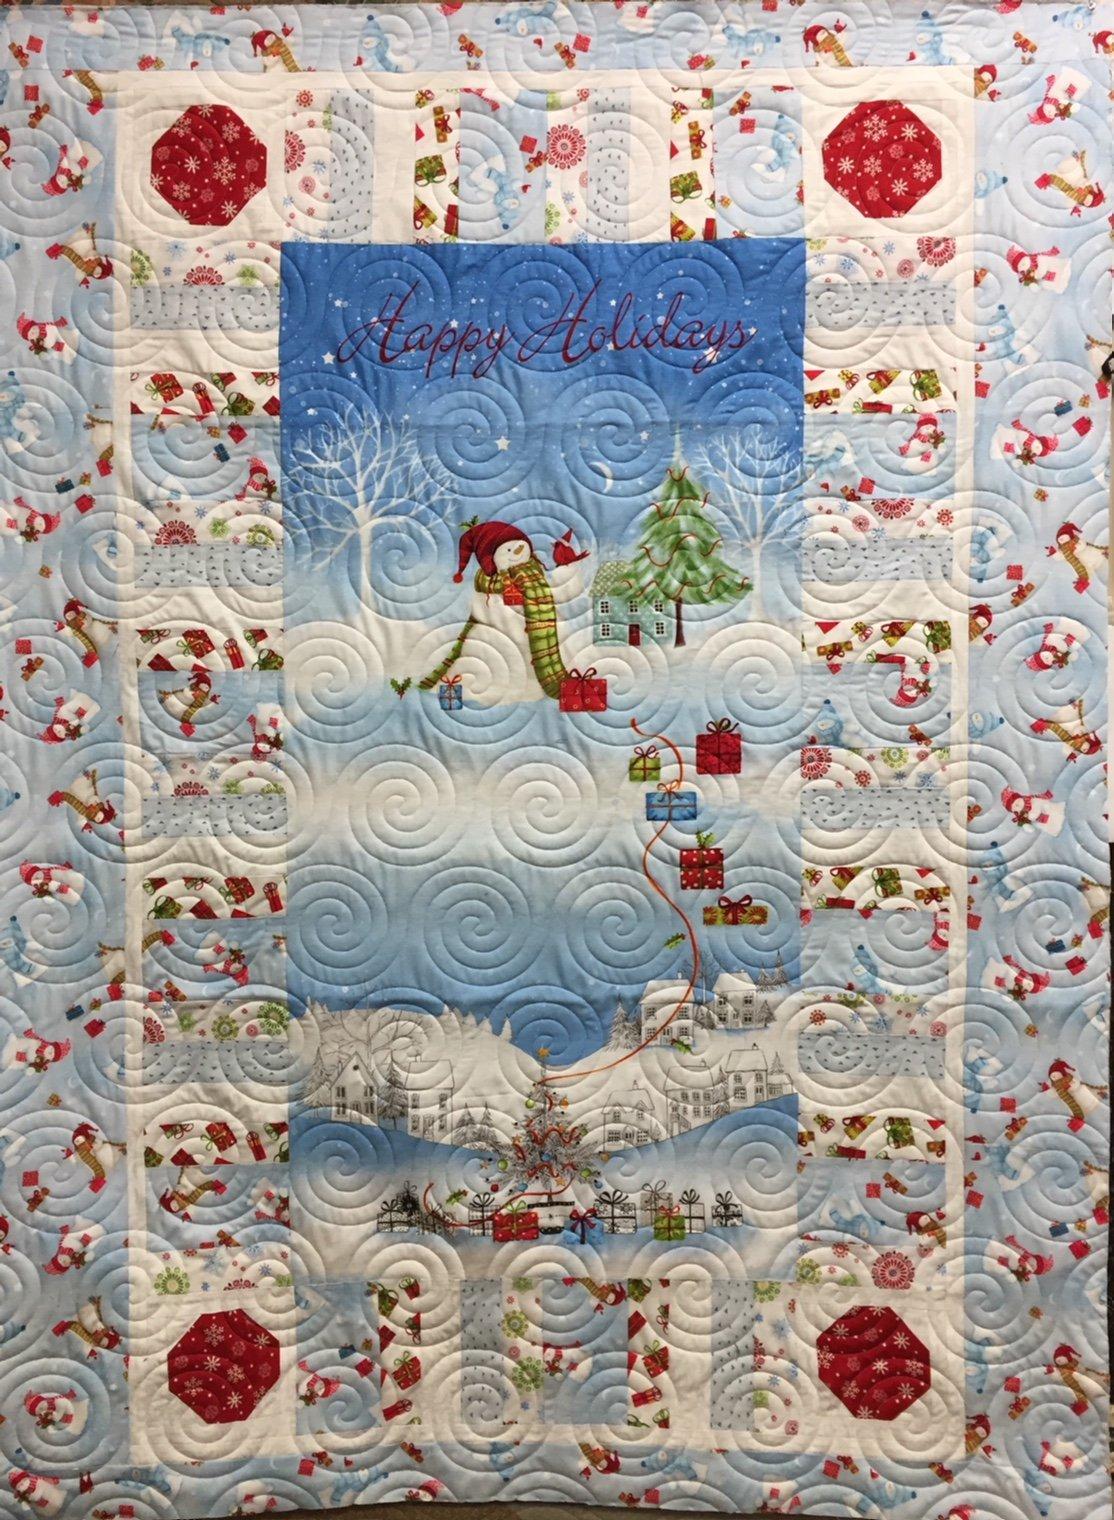 Snowman quilt kit